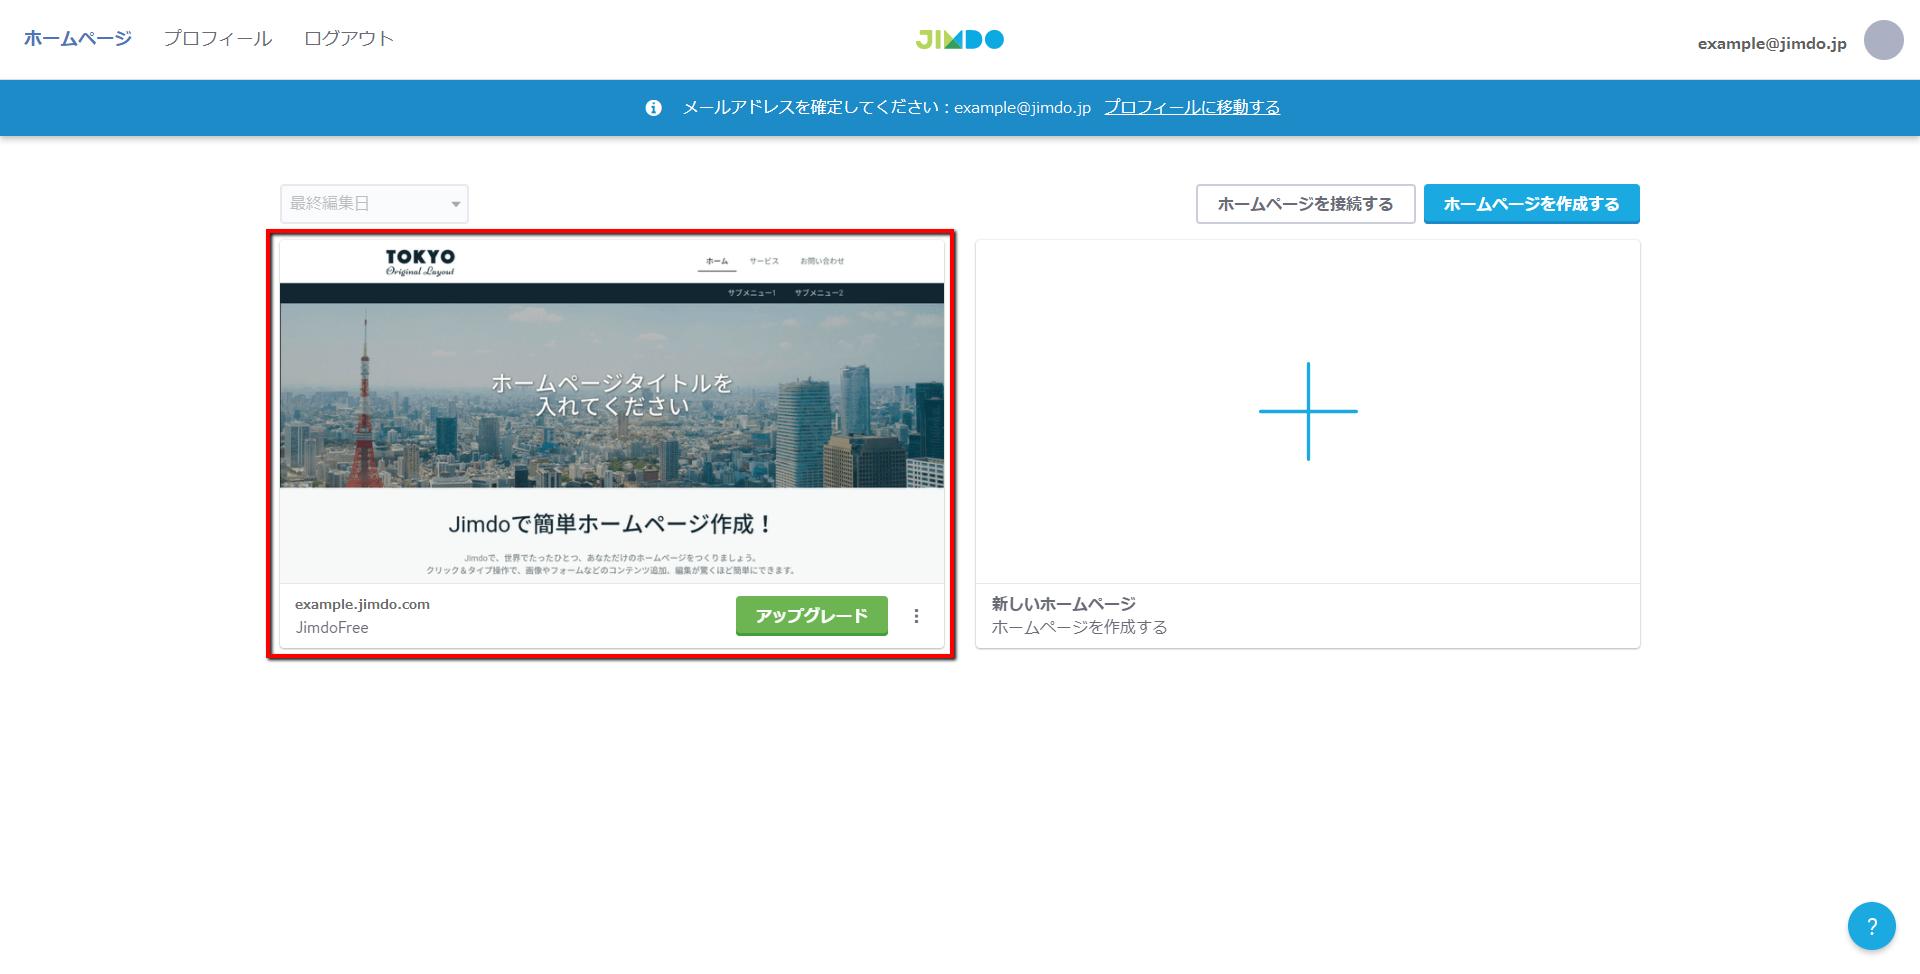 4.表示される「ダッシュボード」に、あなたのホームページが表示されることを確認